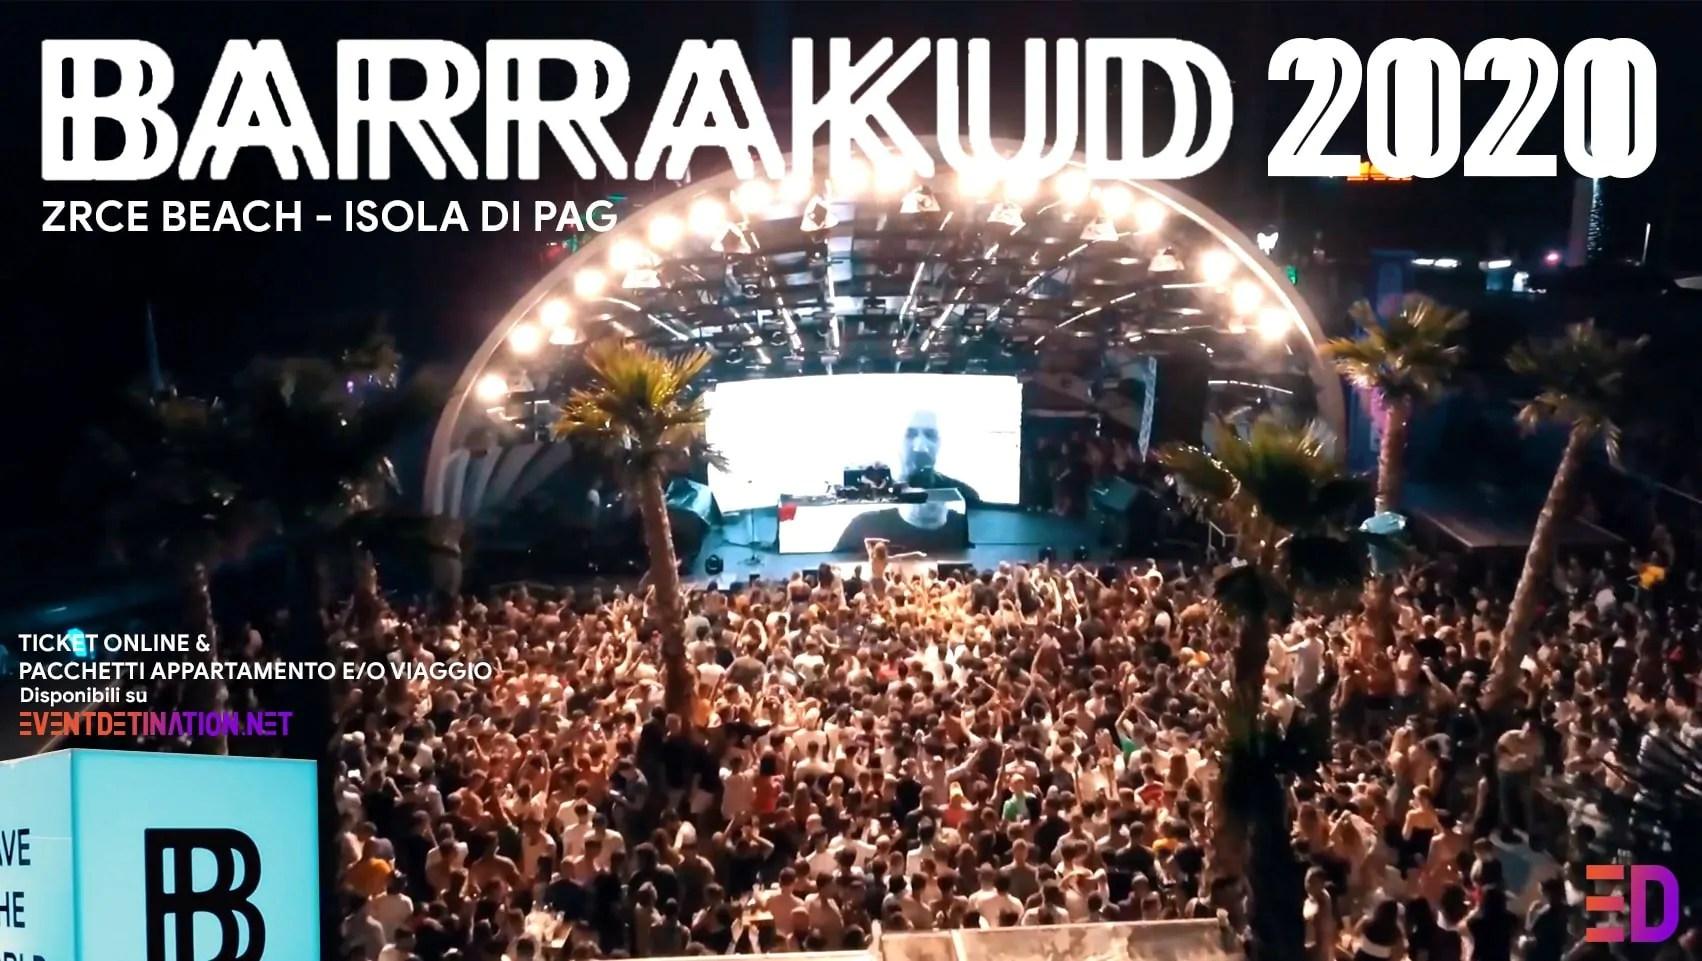 BARRAKUD Festival 2020, 10 – 14 Agosto – Pag Croazia – Ticket Pacchetti Appartamento